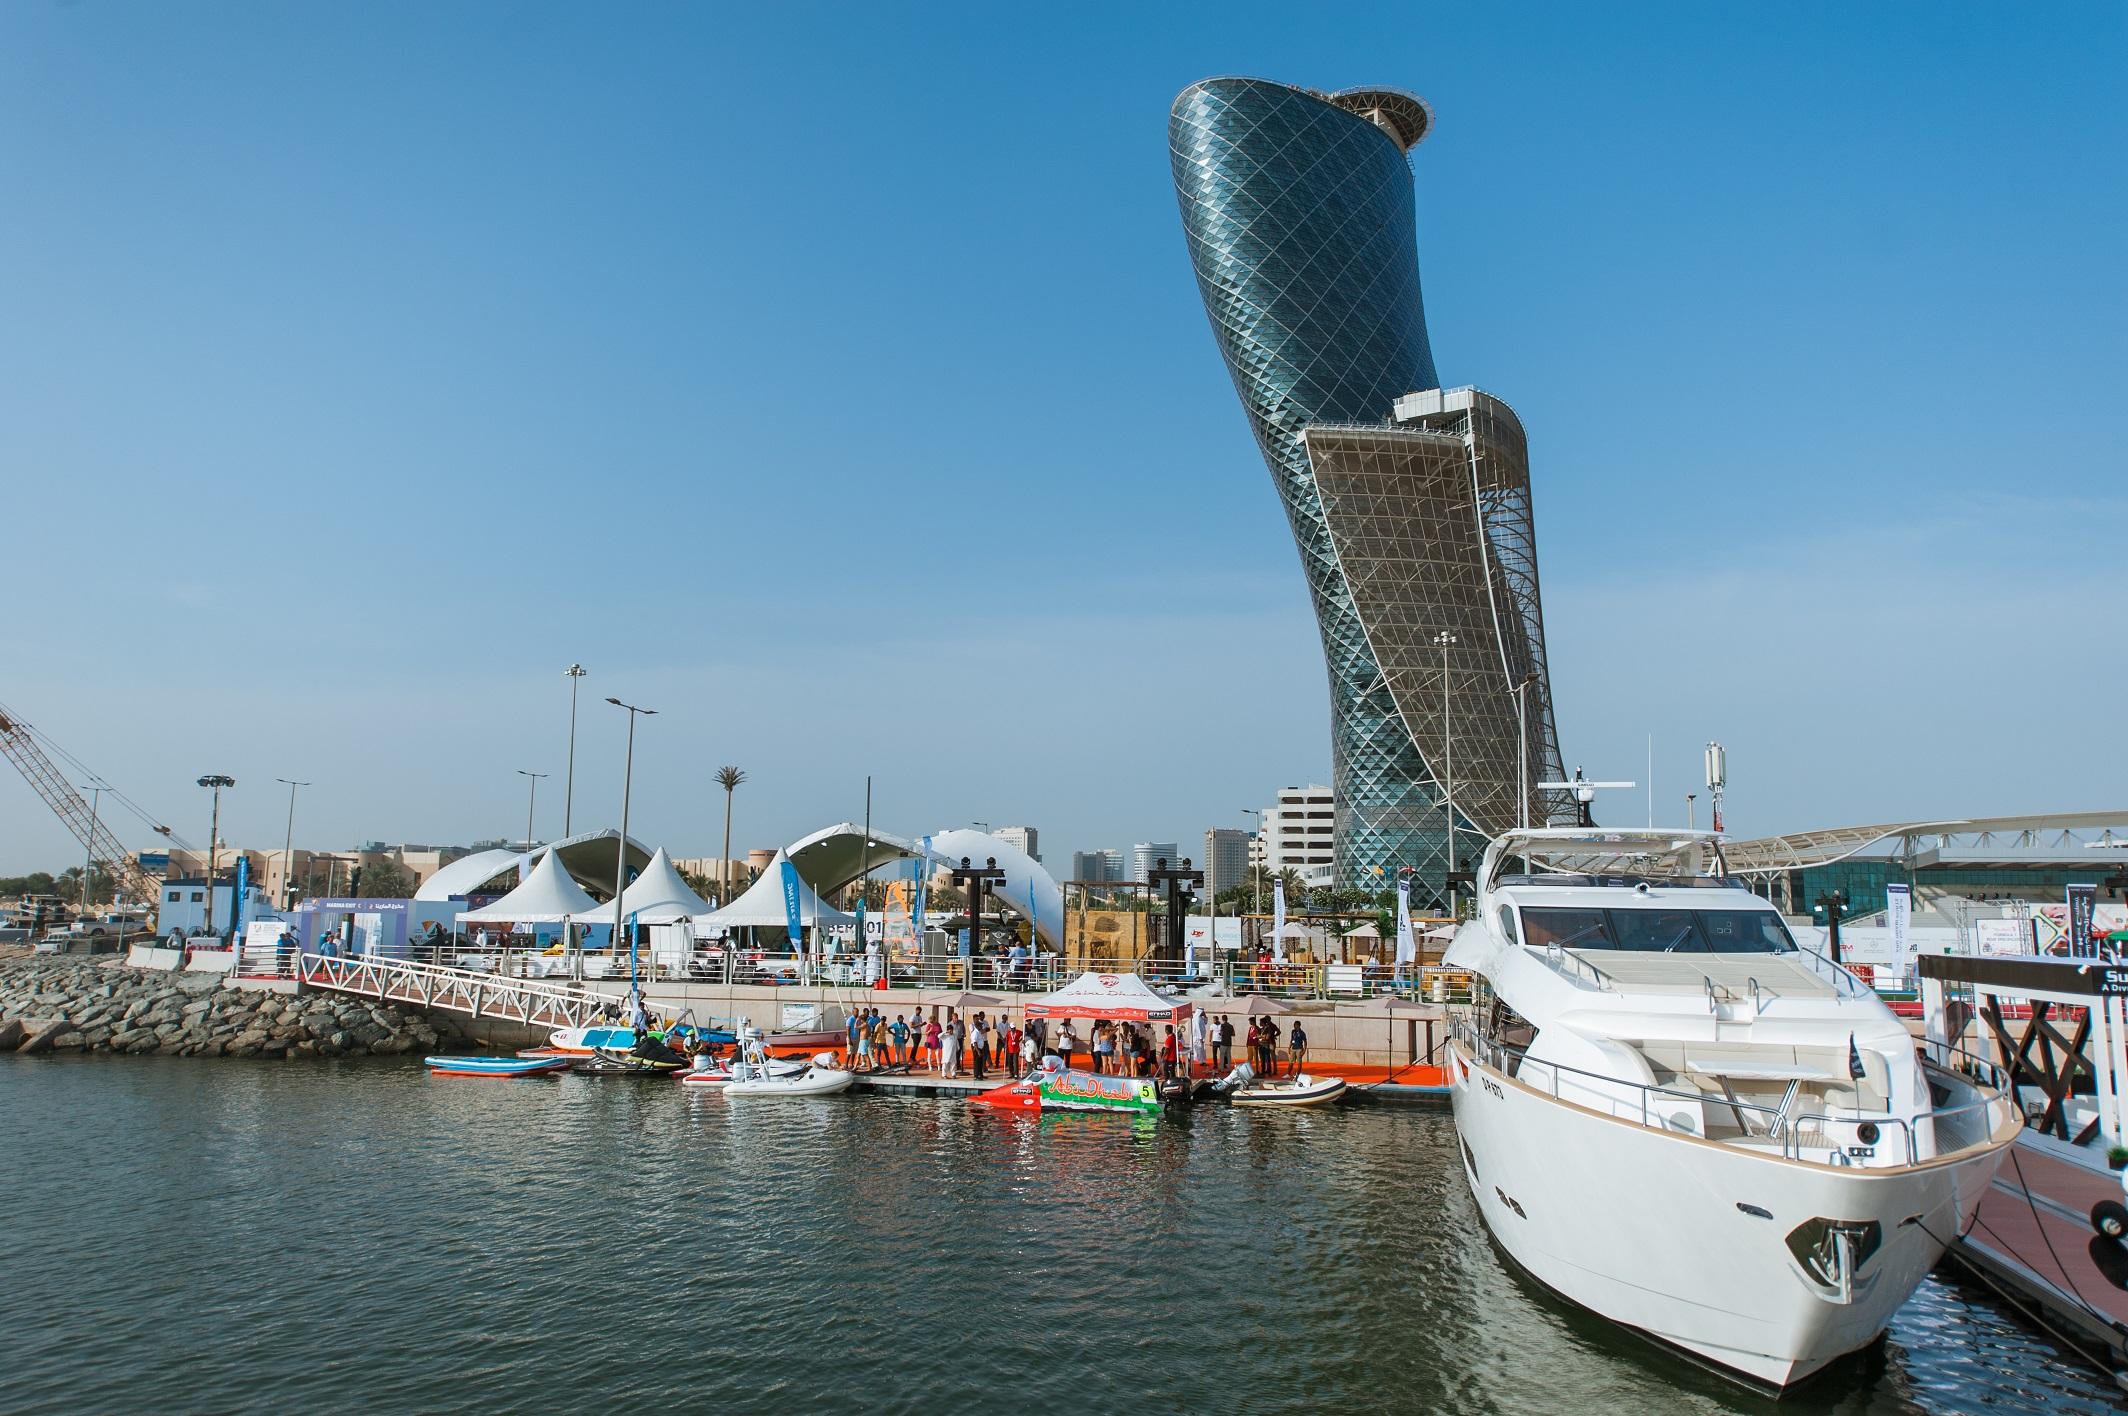 معرض أبوظبي الدولي للقوارب ينجح في استقطاب 21,123 زائر وإبرام صفقات وإطلاق 23 منتج جديد في دورته الأولى